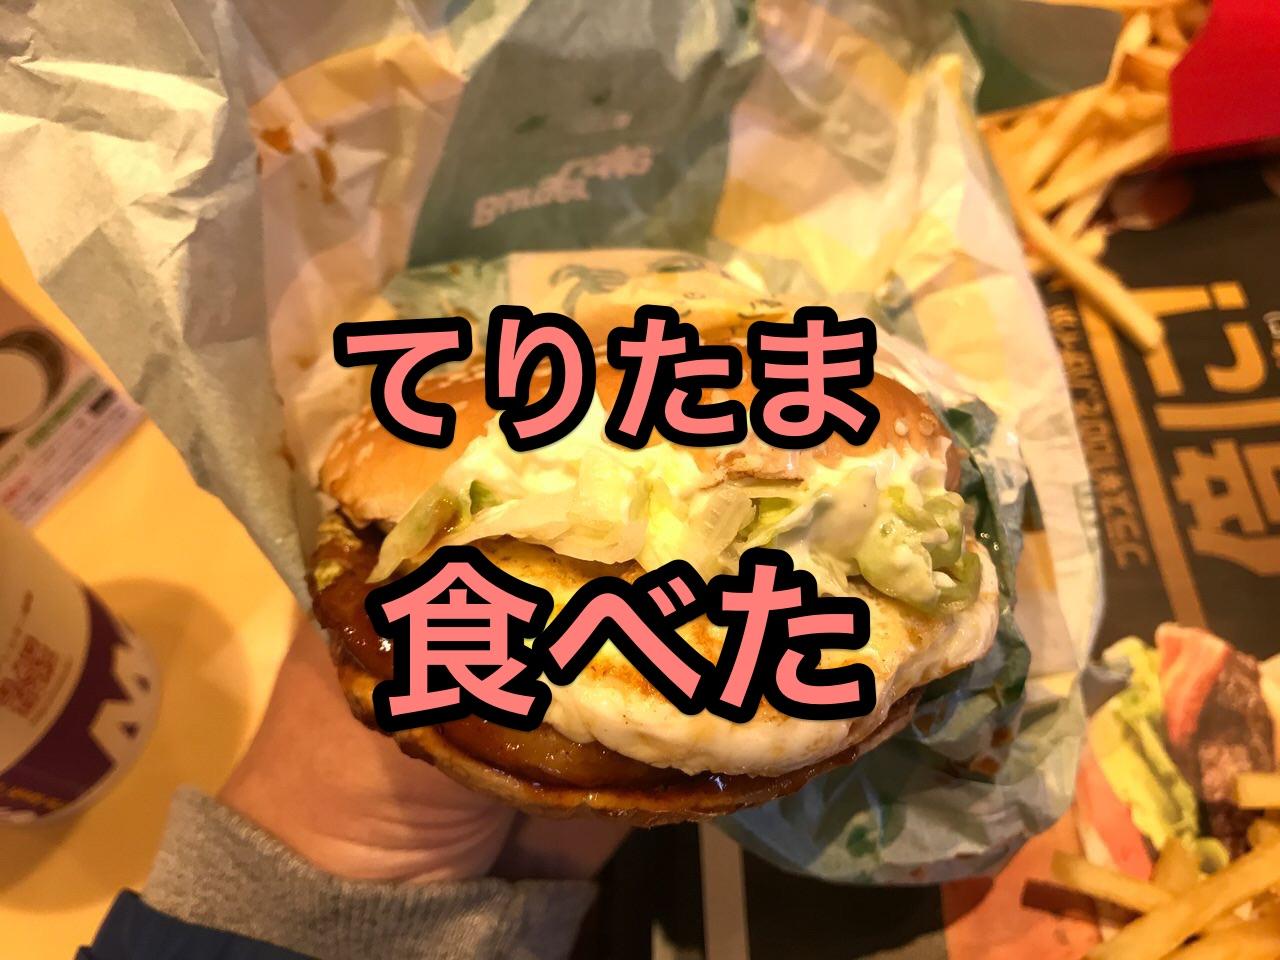 【マクドナルド】「てりたま」食べた